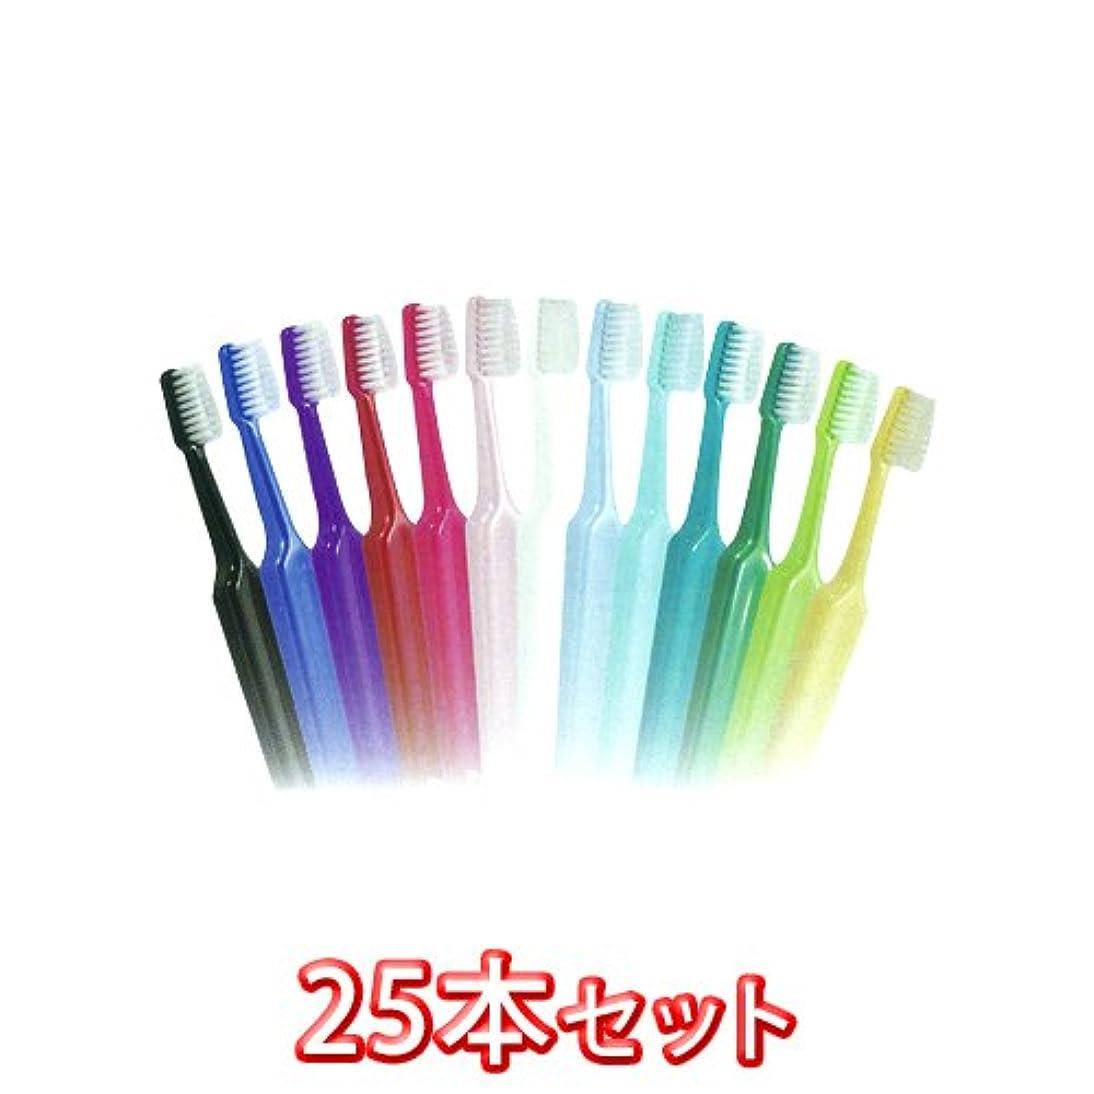 ドレス高潔なつまらないTePe テペ セレクトエクストラソフト 歯ブラシ 25本入